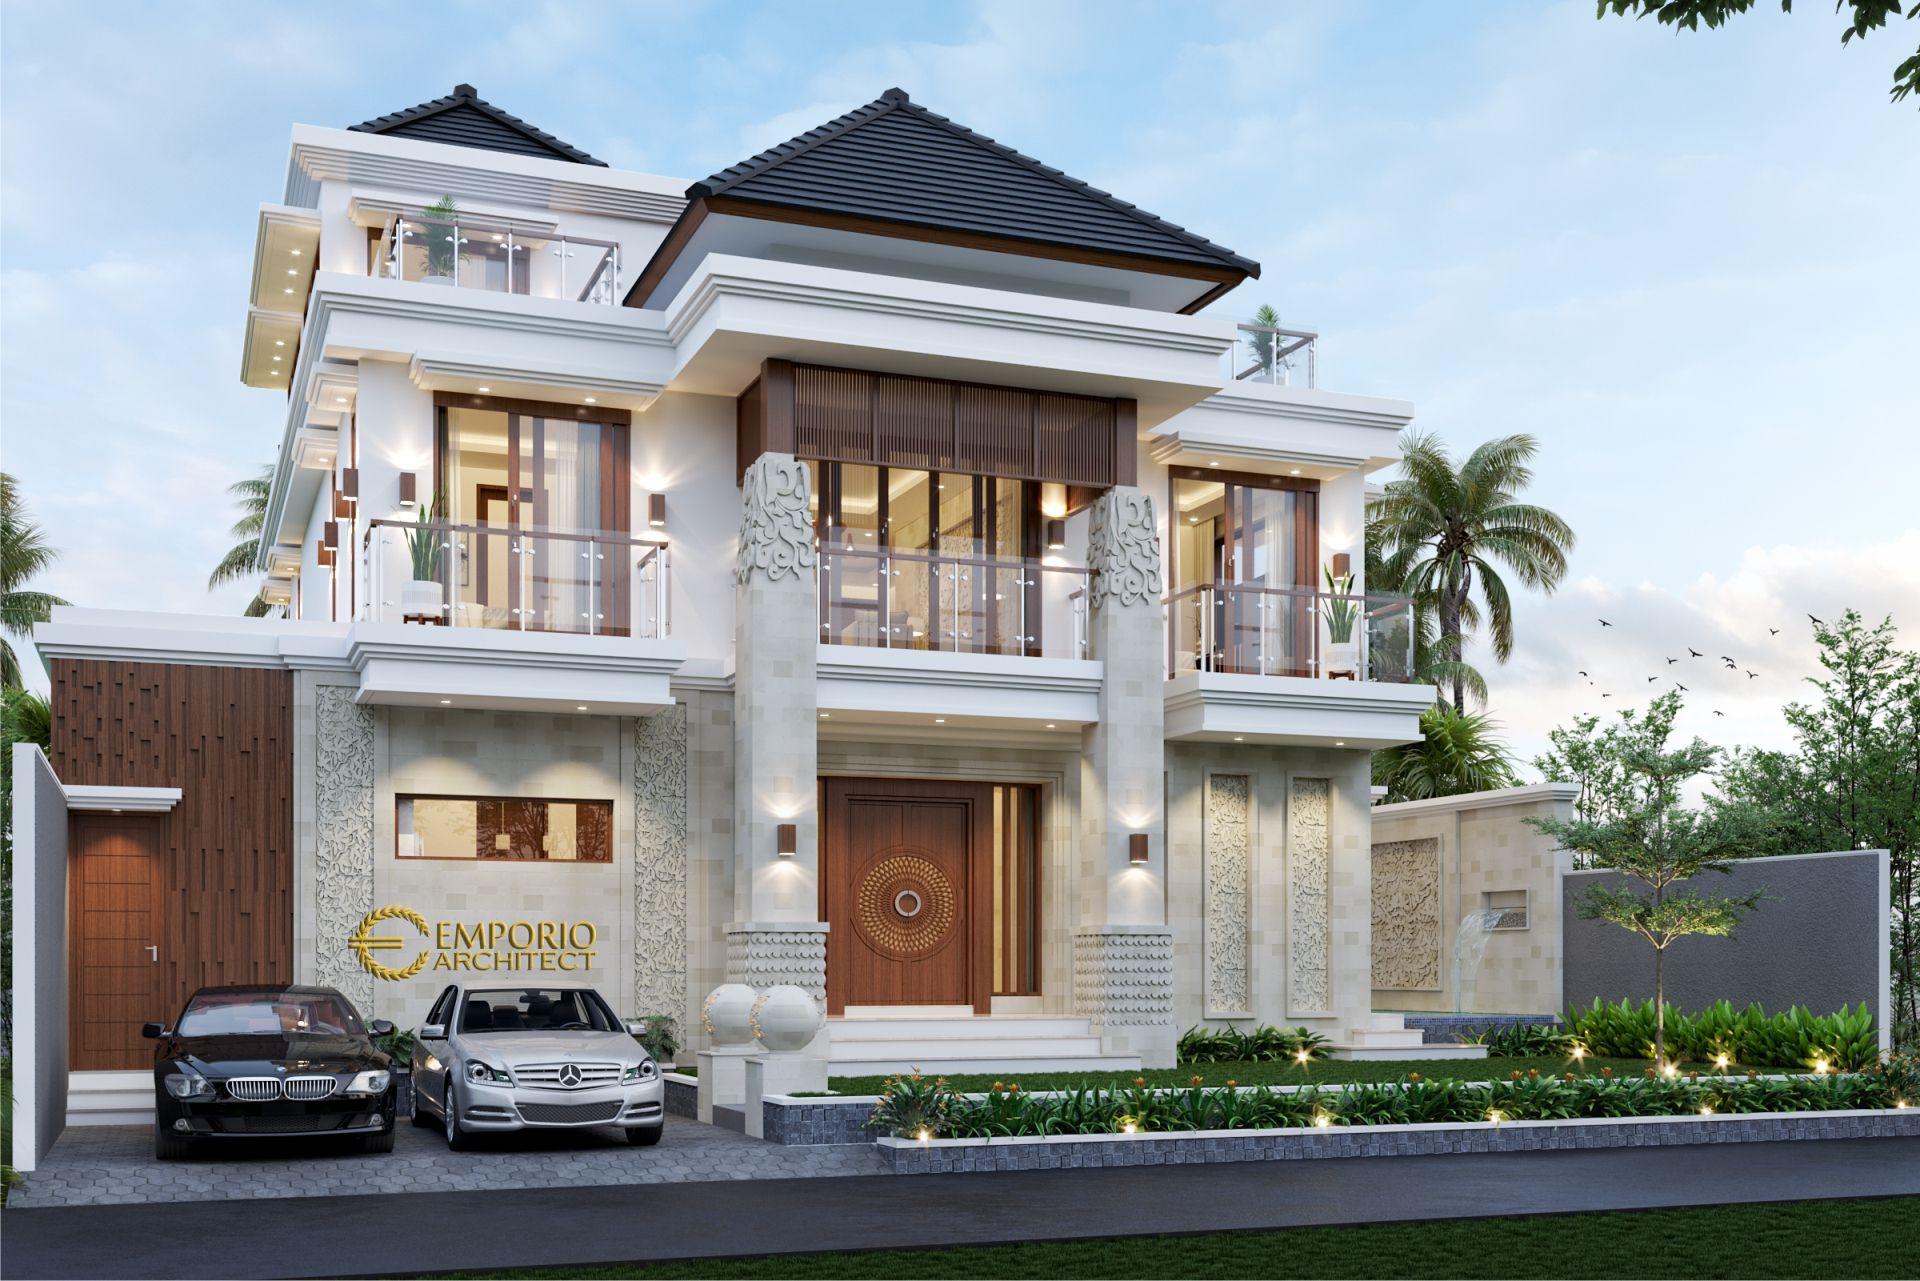 Desain Rumah Villa Bali 2 Lantai Mr Vaibhav Dan Mr Nilesh Di India